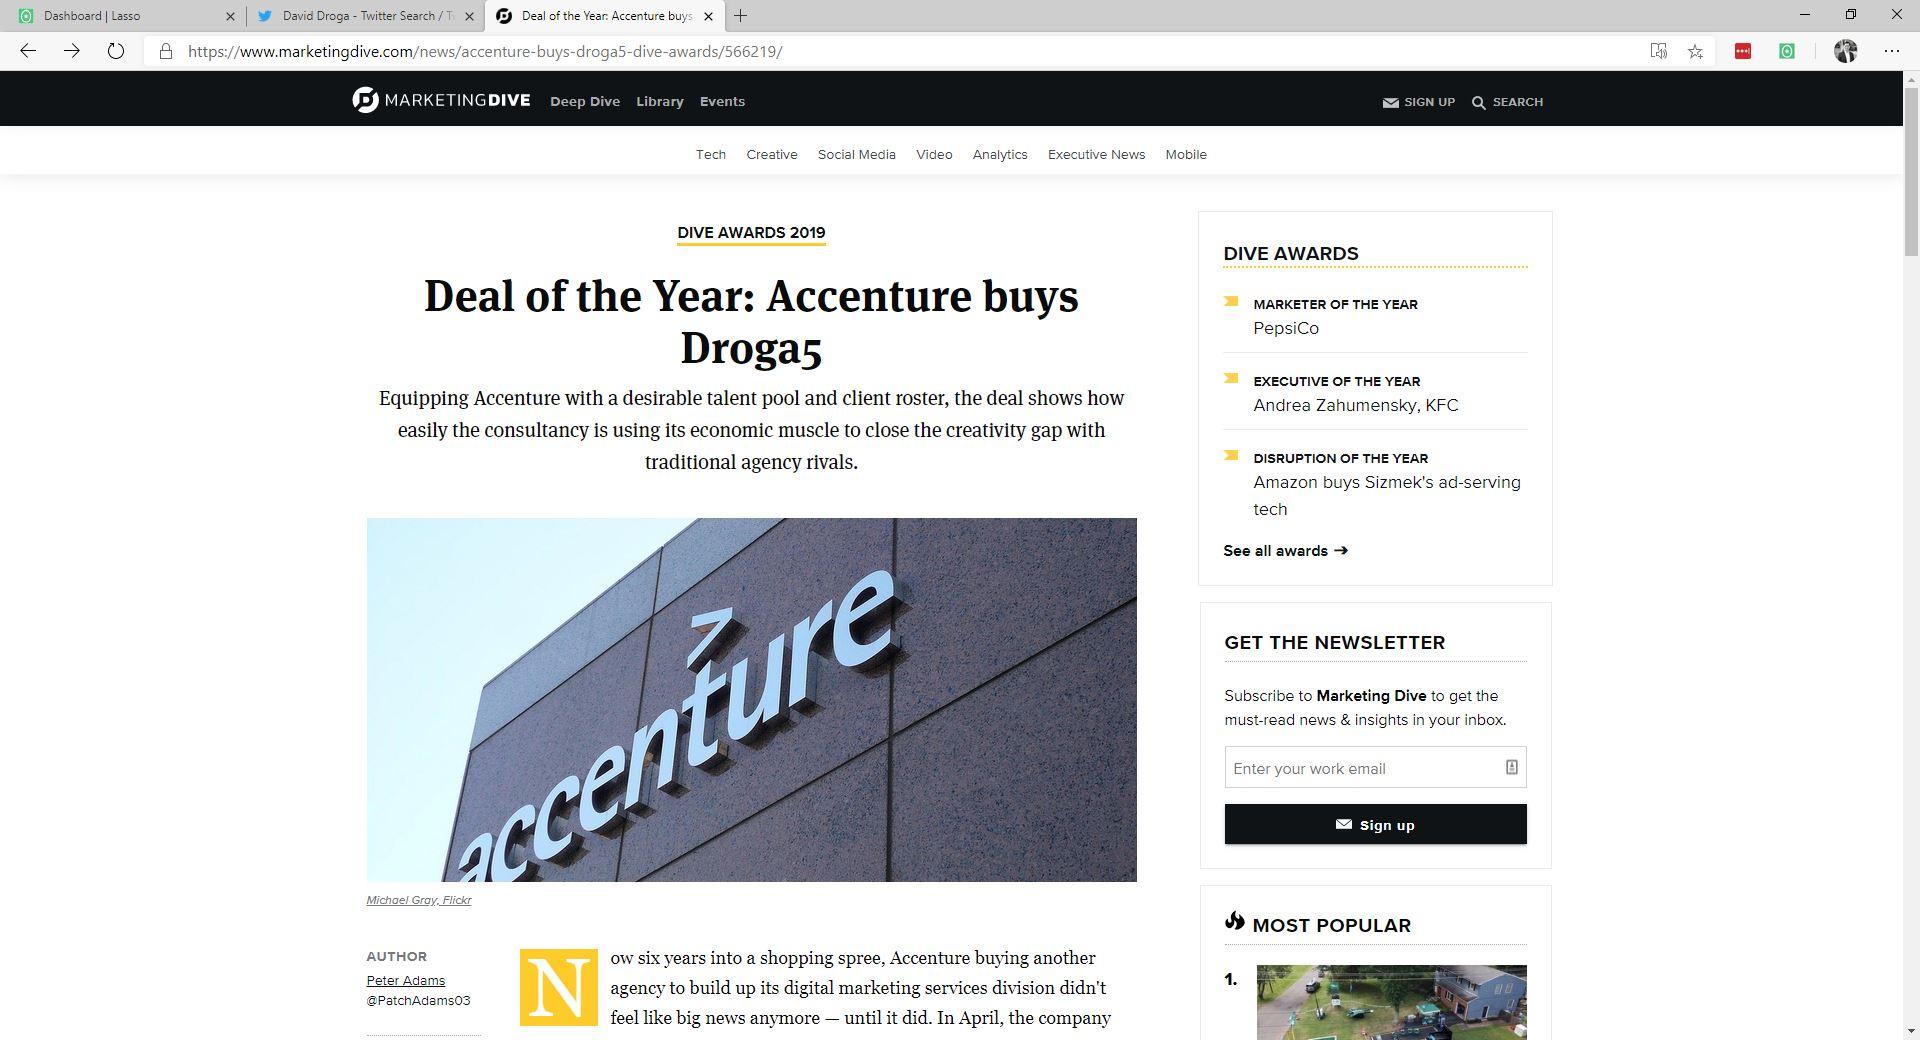 Accentrure acquire Droga5